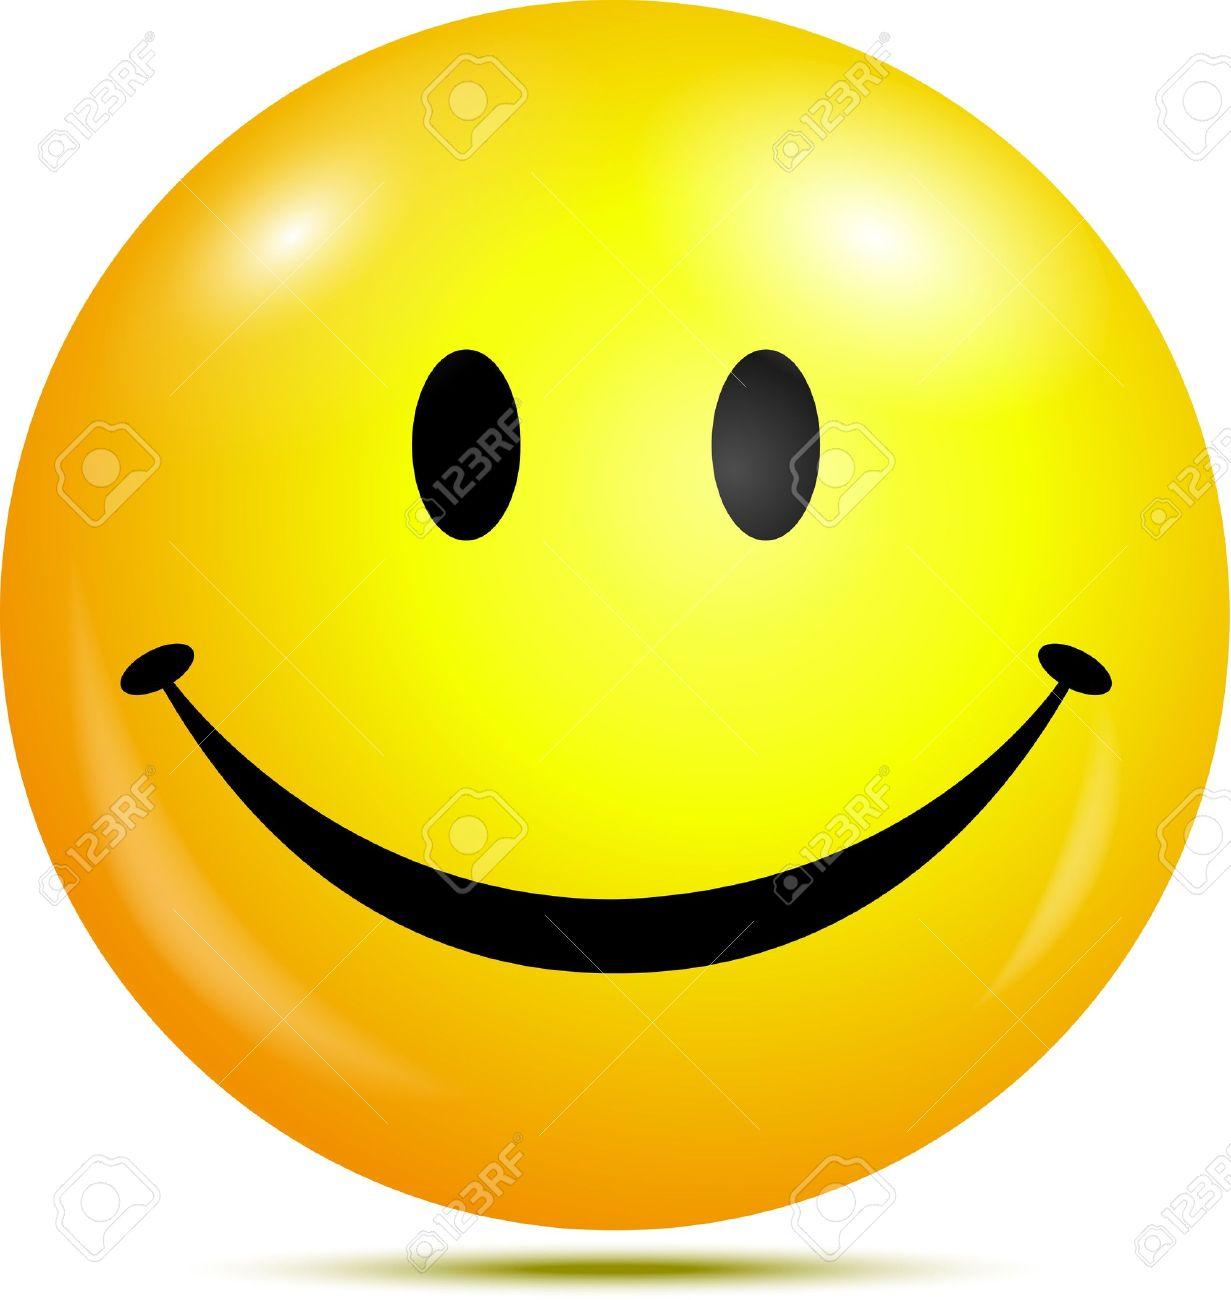 happy smiley face royalty free cliparts vectors and stock rh 123rf com smiley vector gratuit smile vector black vector